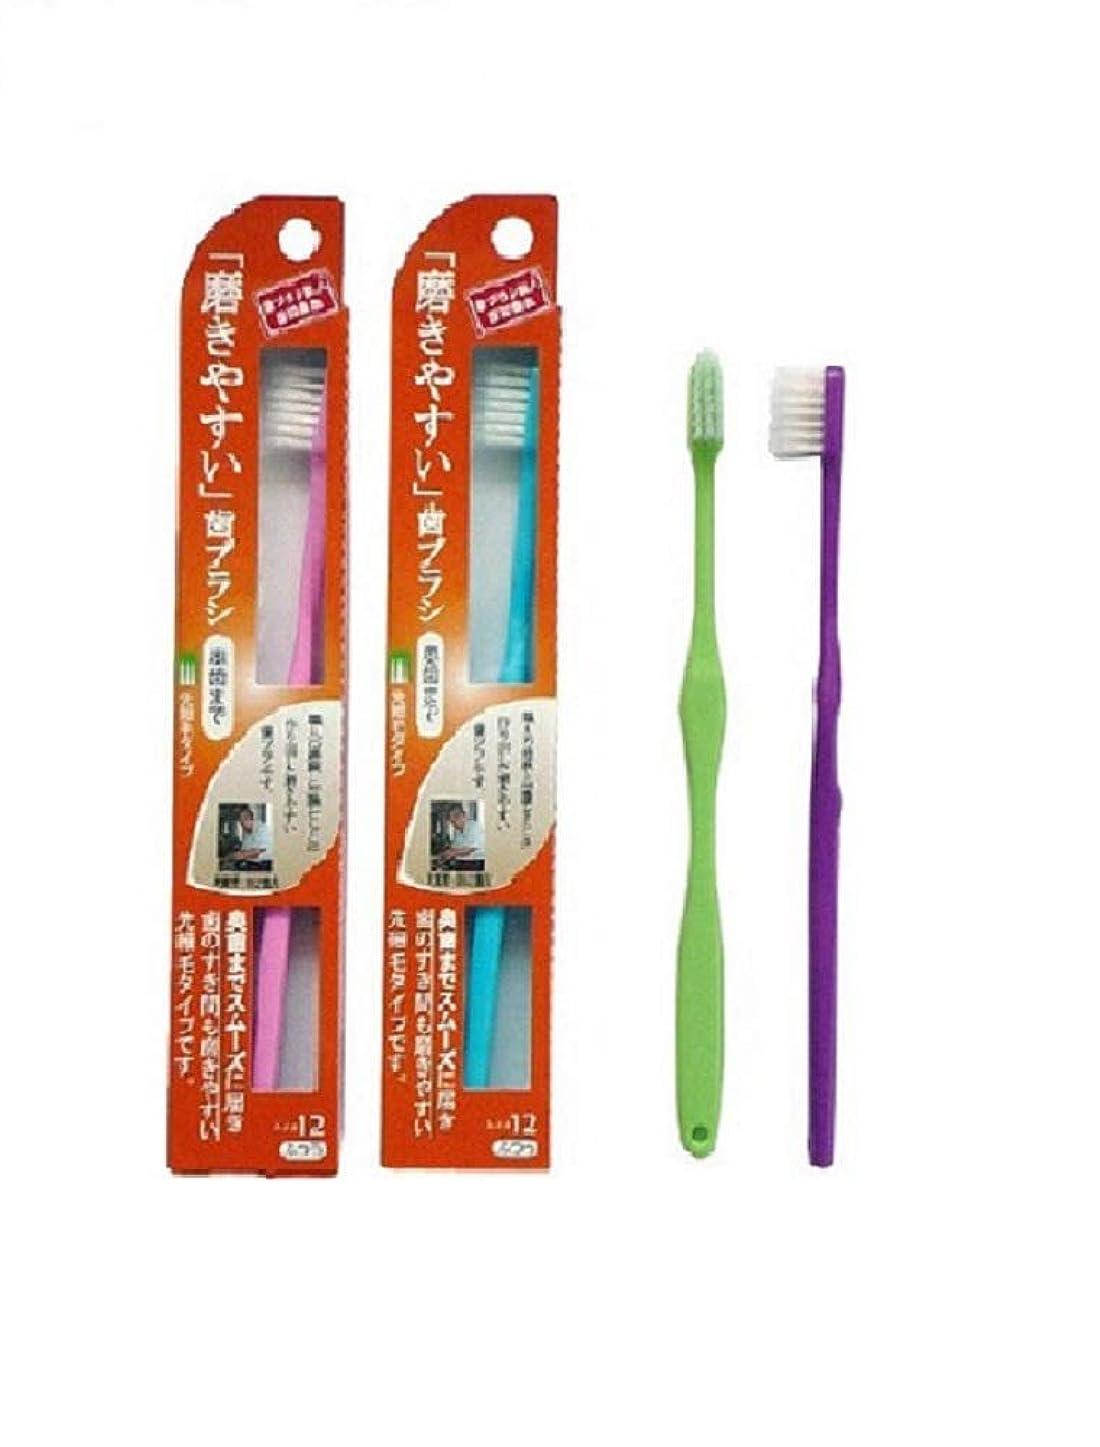 スツール貸し手憂慮すべき【まとめ買い 600本セット】ライフレンジ 磨きやすい歯ブラシ(奥歯まで)先細毛タイプ LT-12